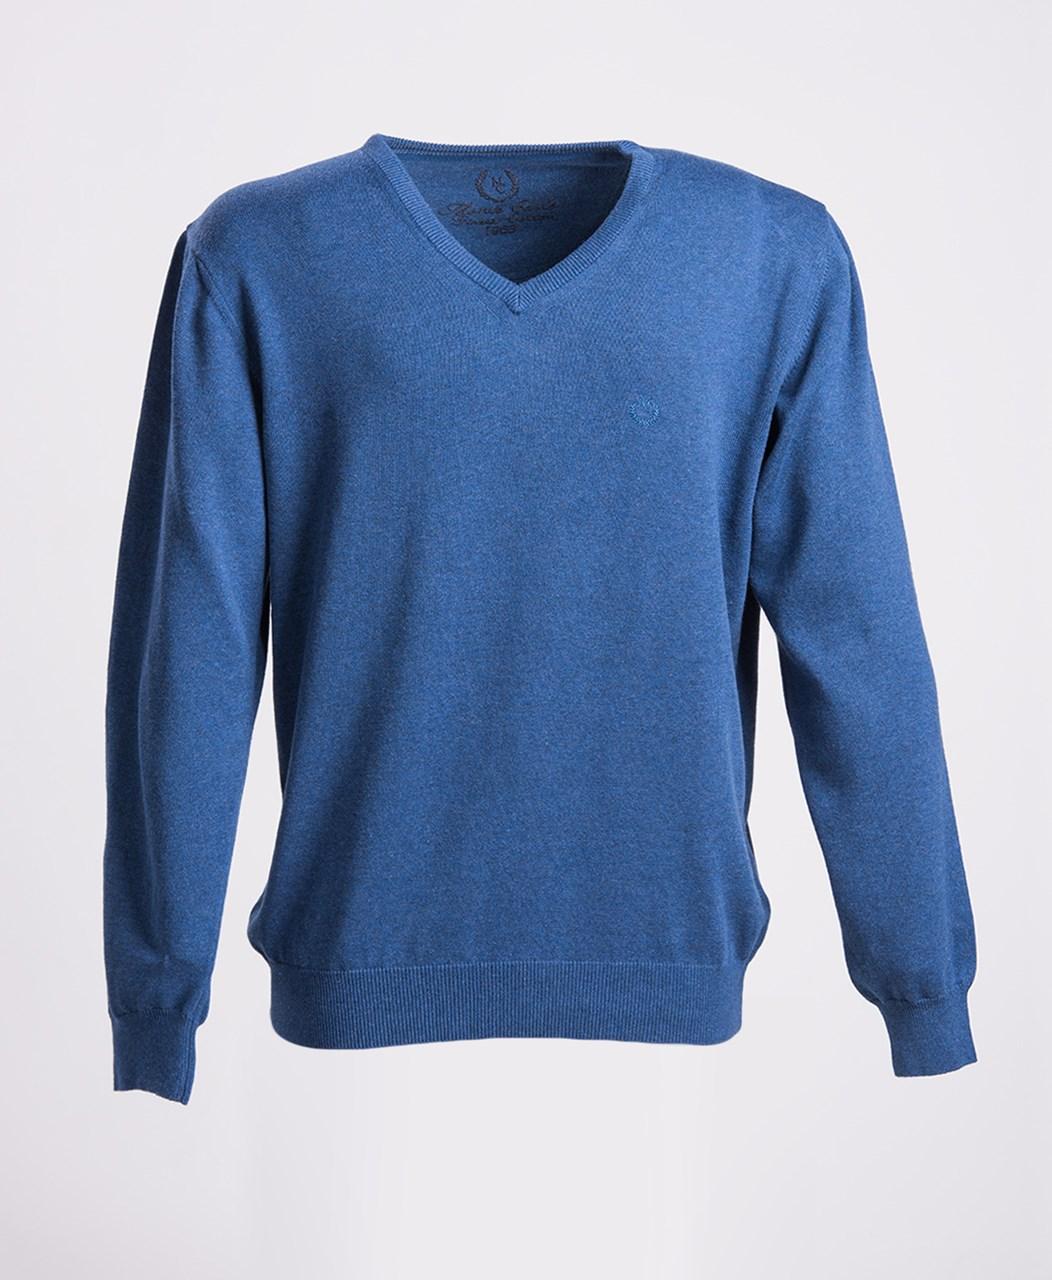 500c78b6833 Obrázek Modrý bavlněný svetr s výstřihem do V Mode Monte Carlo ...